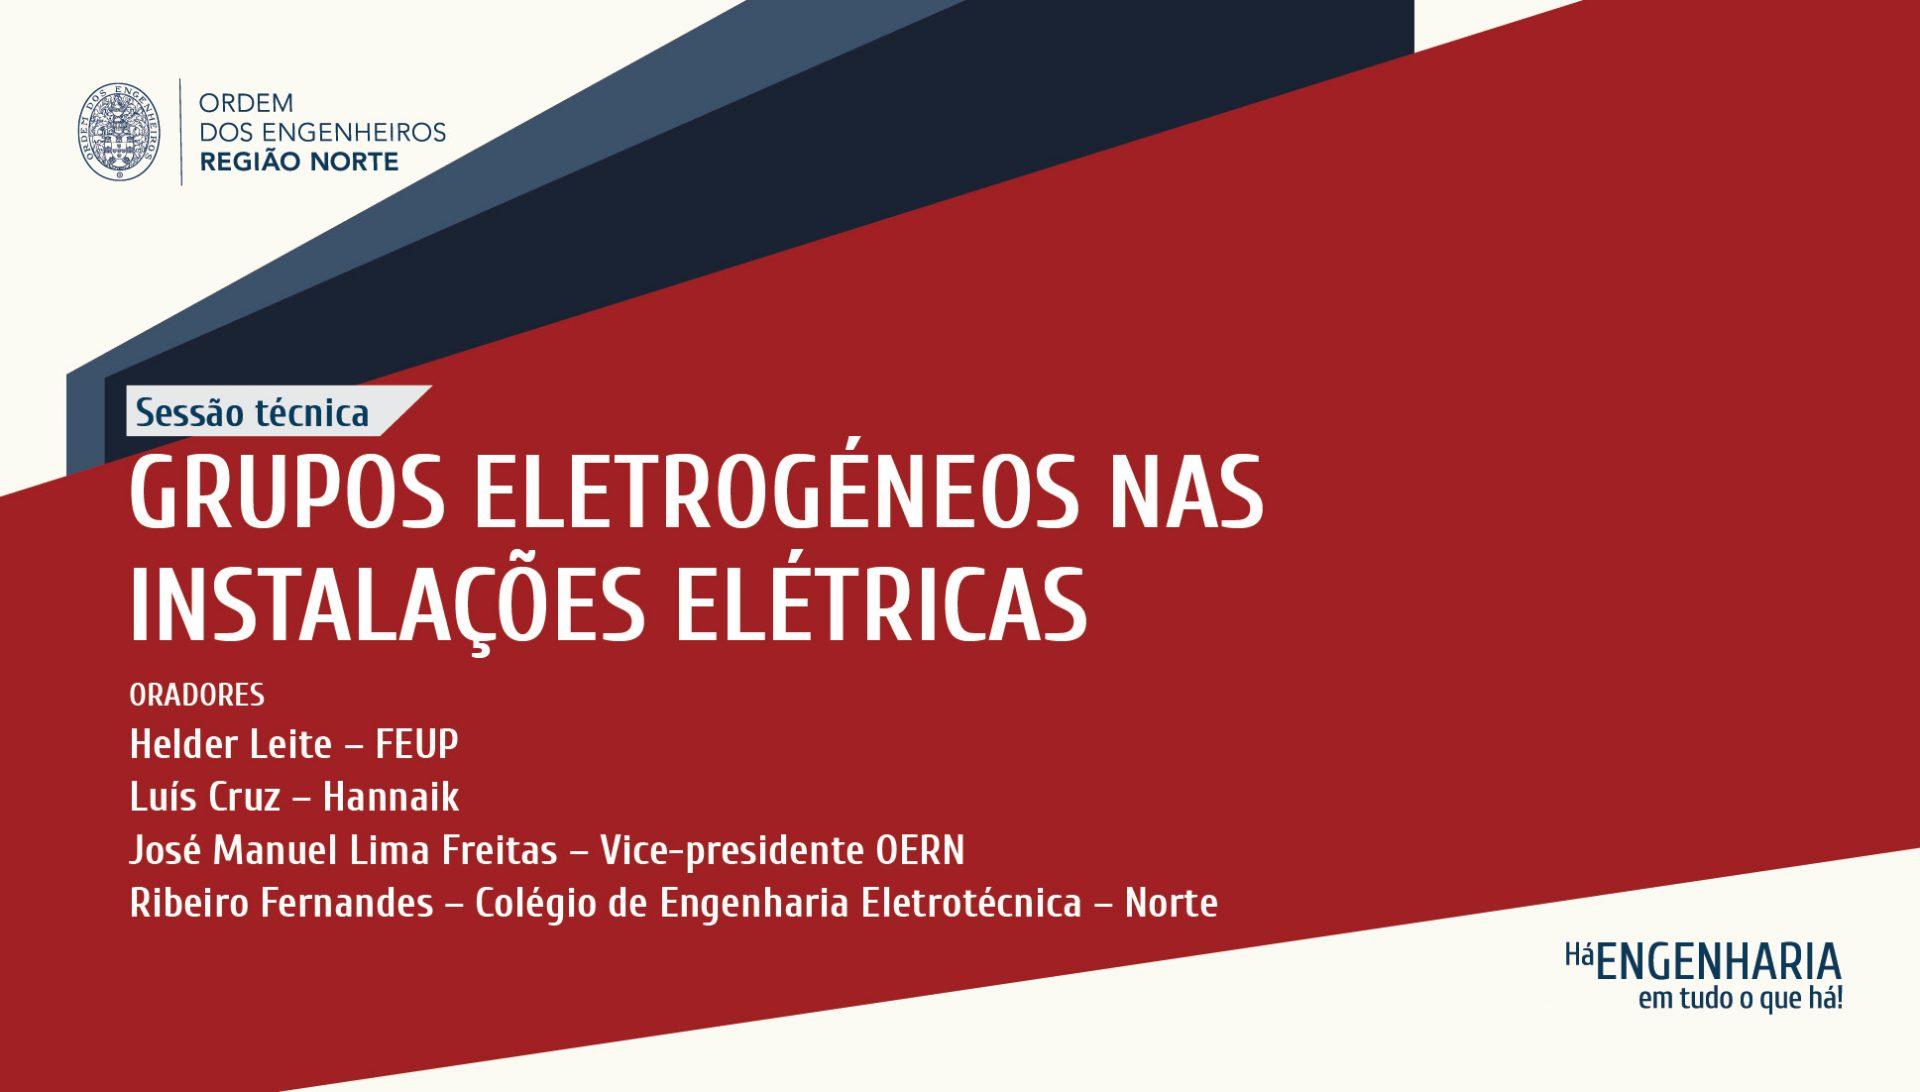 Plataforma Notícias Ordem Engenheiros Região Norte - Grupos Eletrogéneos nas Instalações Elétricas